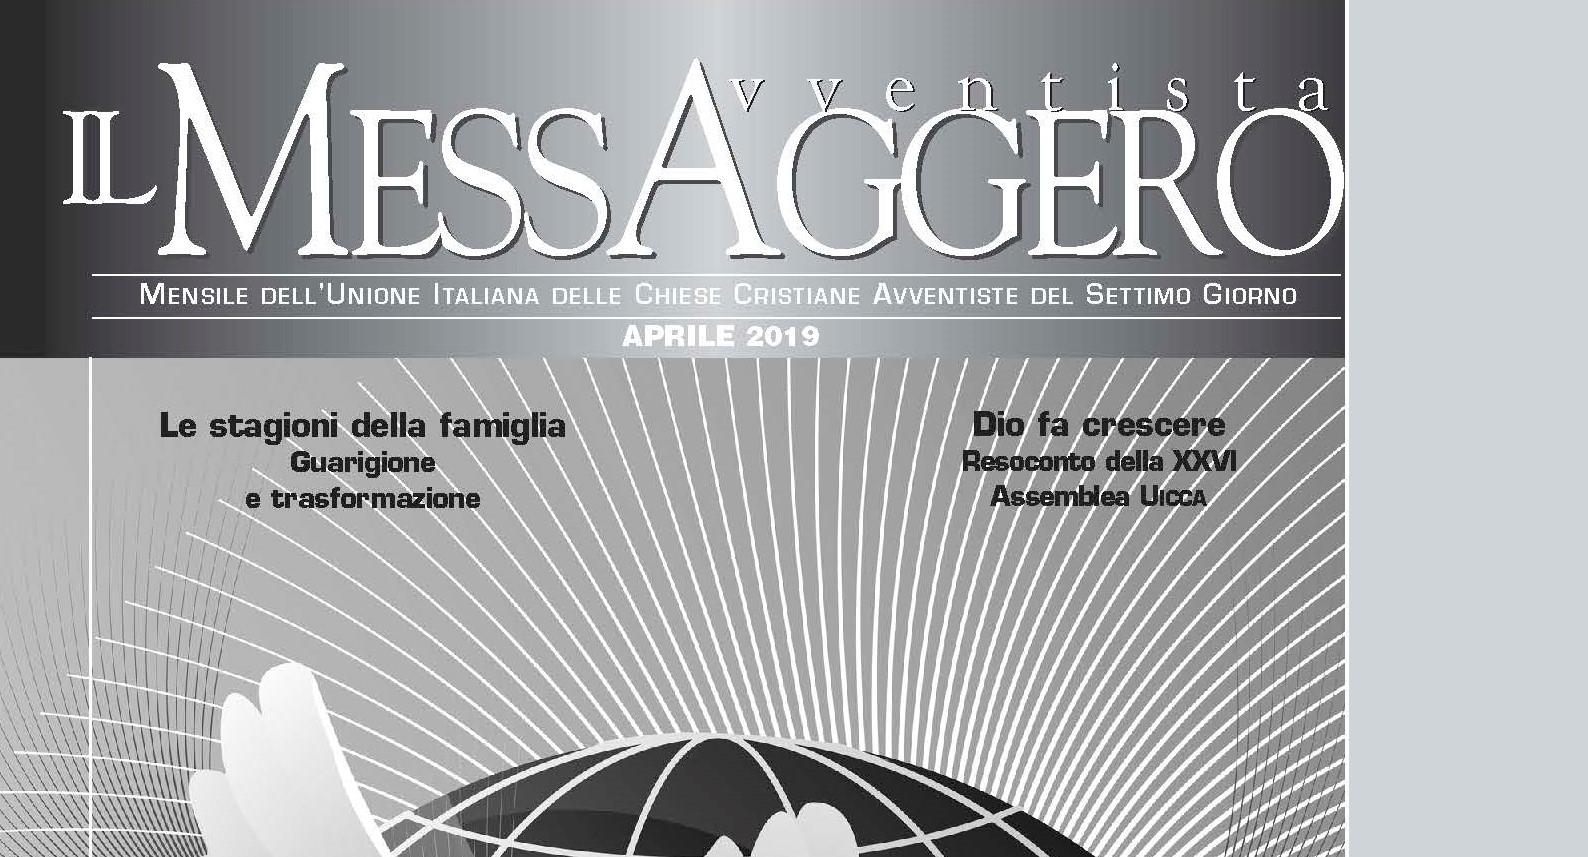 Messaggero - Apr. 2019